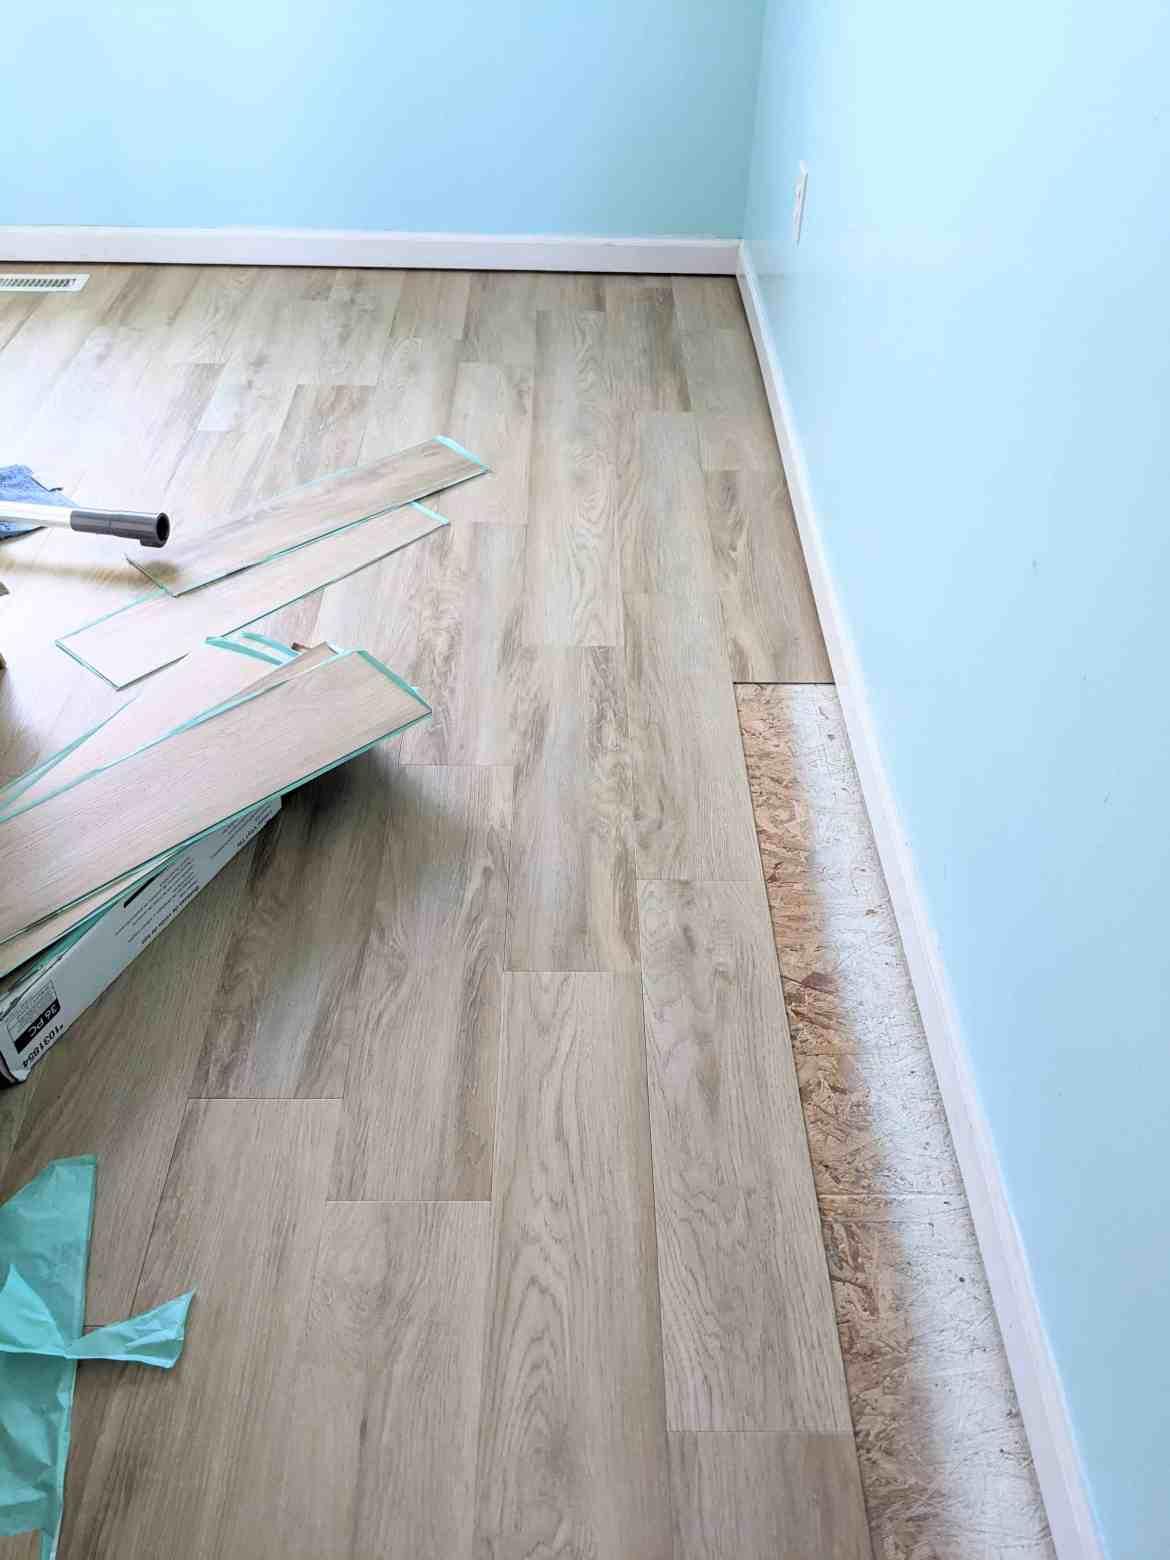 vinyl flooring being laid